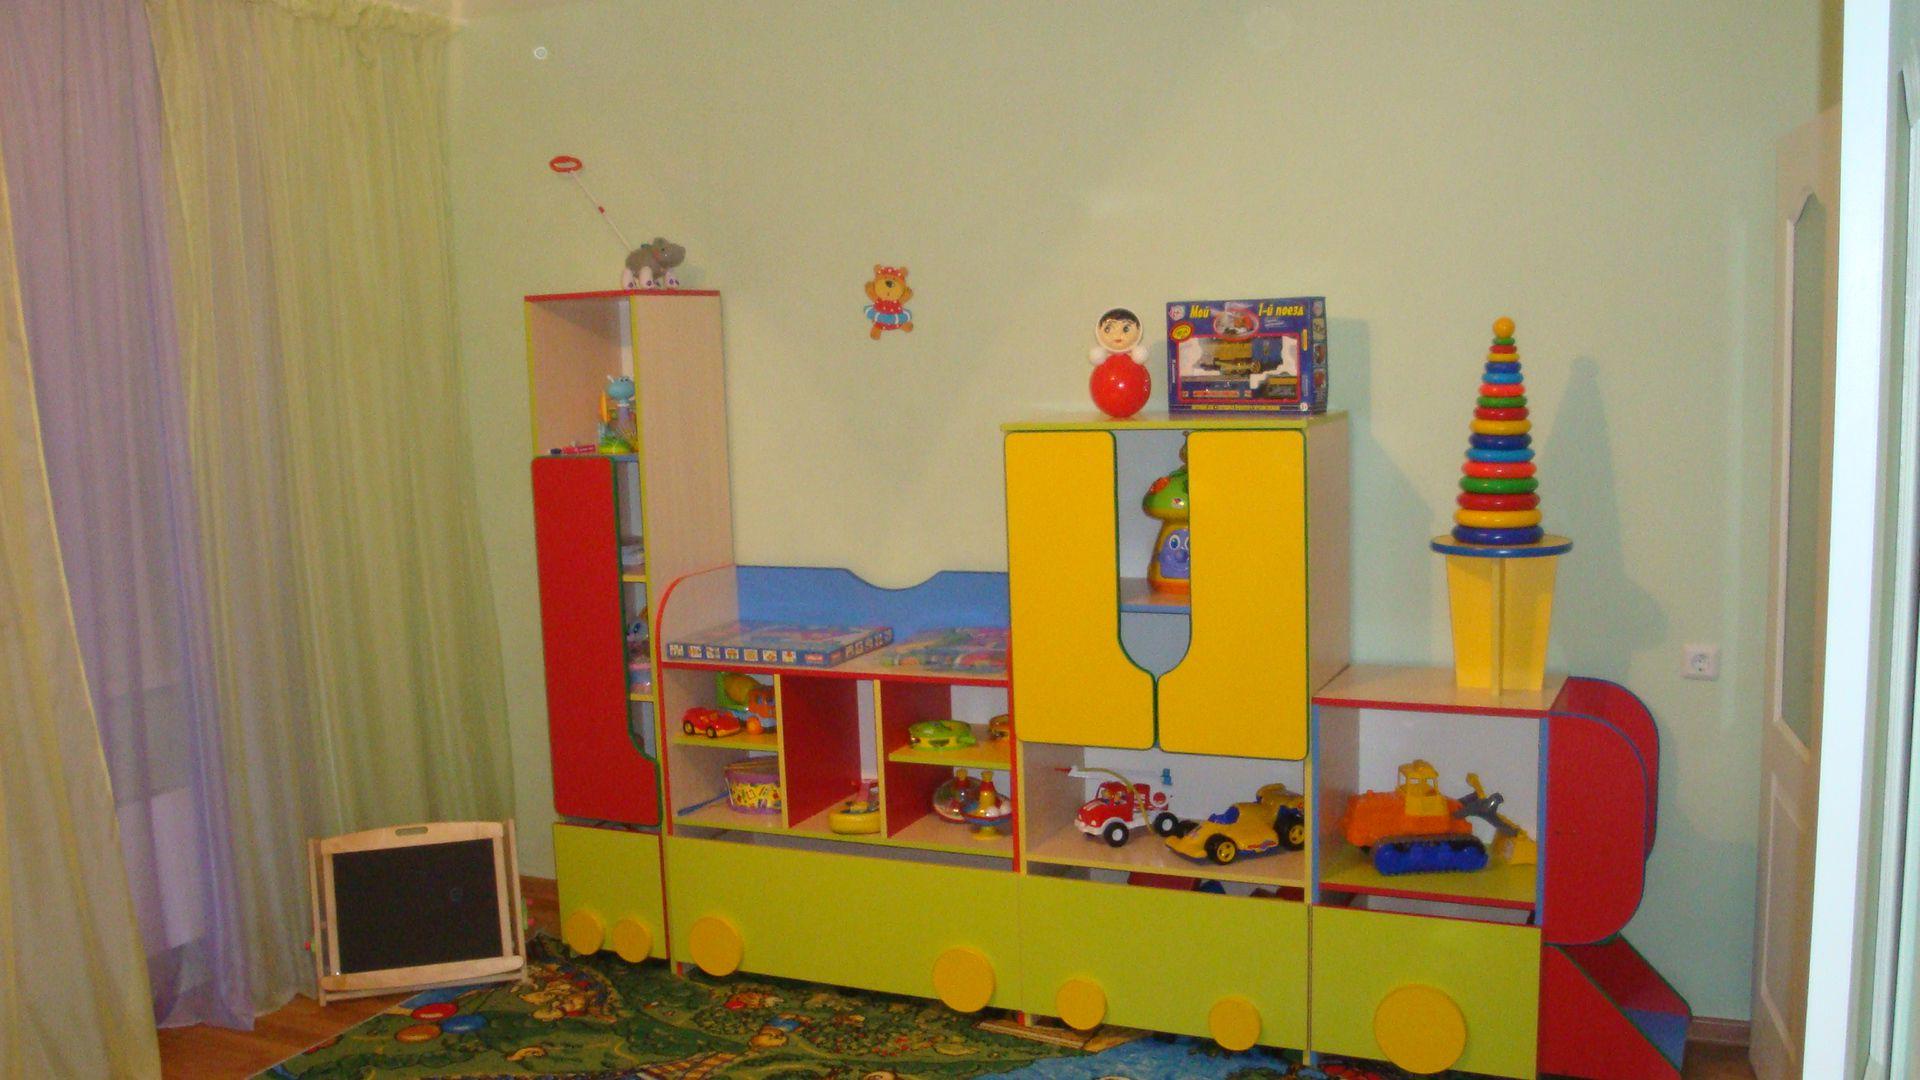 Детский сад indigo kids цена - 9000.00 руб., красноярск - нг.